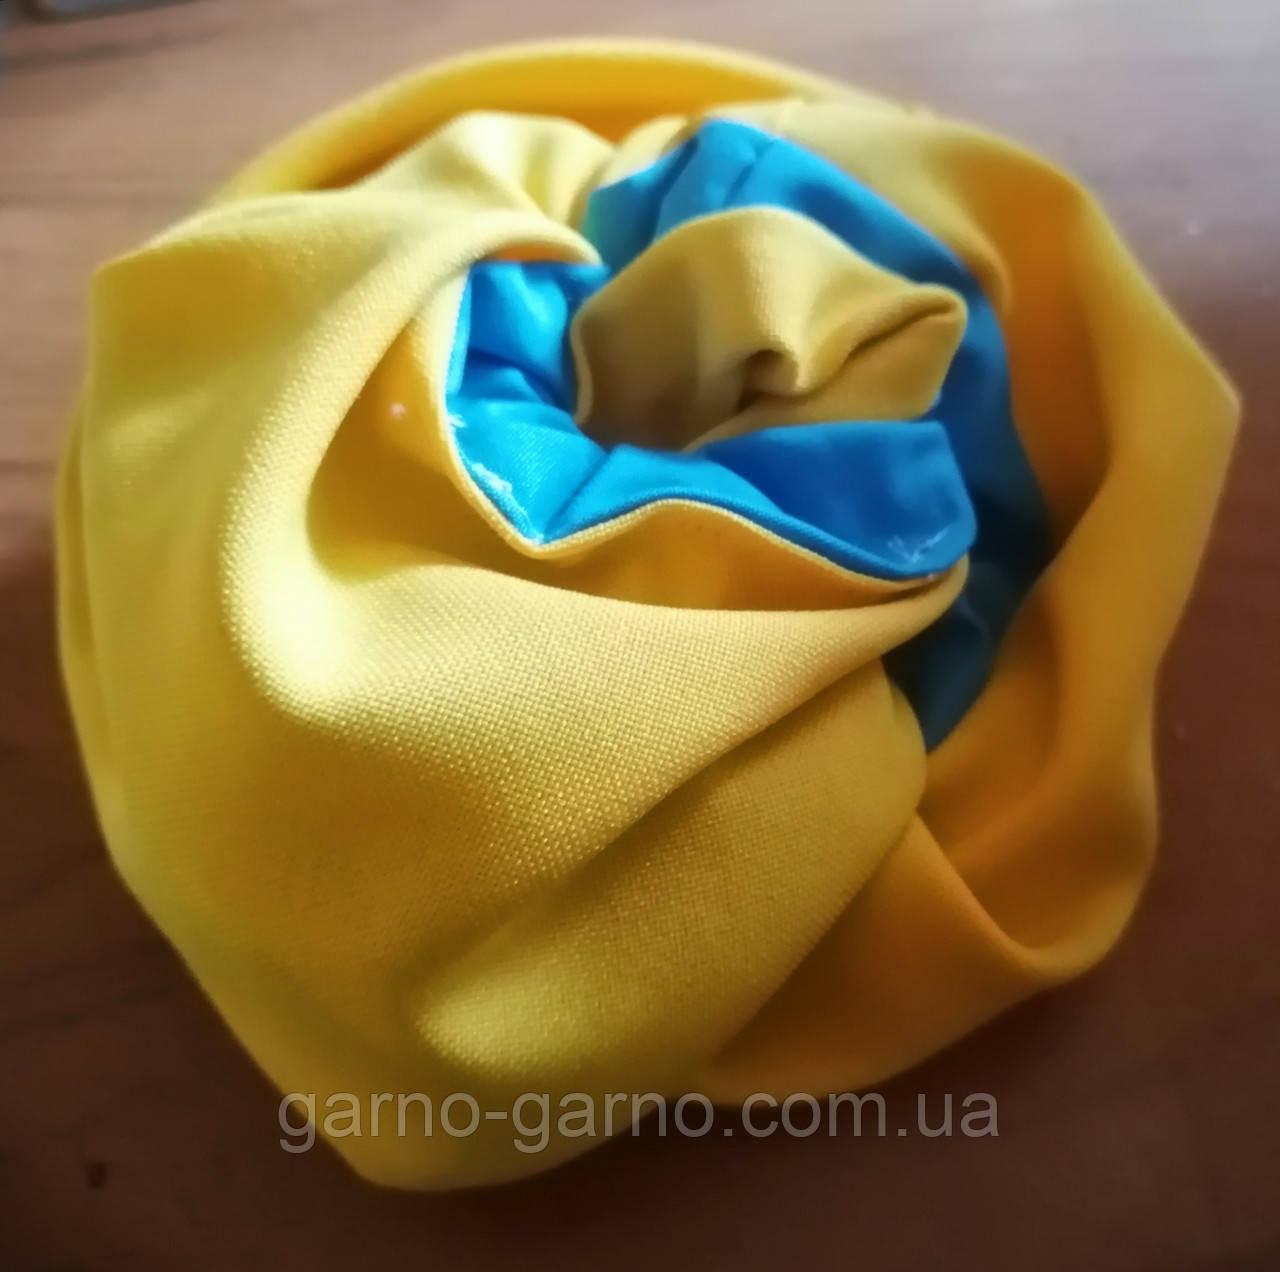 Резинка для волосся тканина,  оксамитова  Резинка на хвост на гульку  для волос бант кранч желто голубая